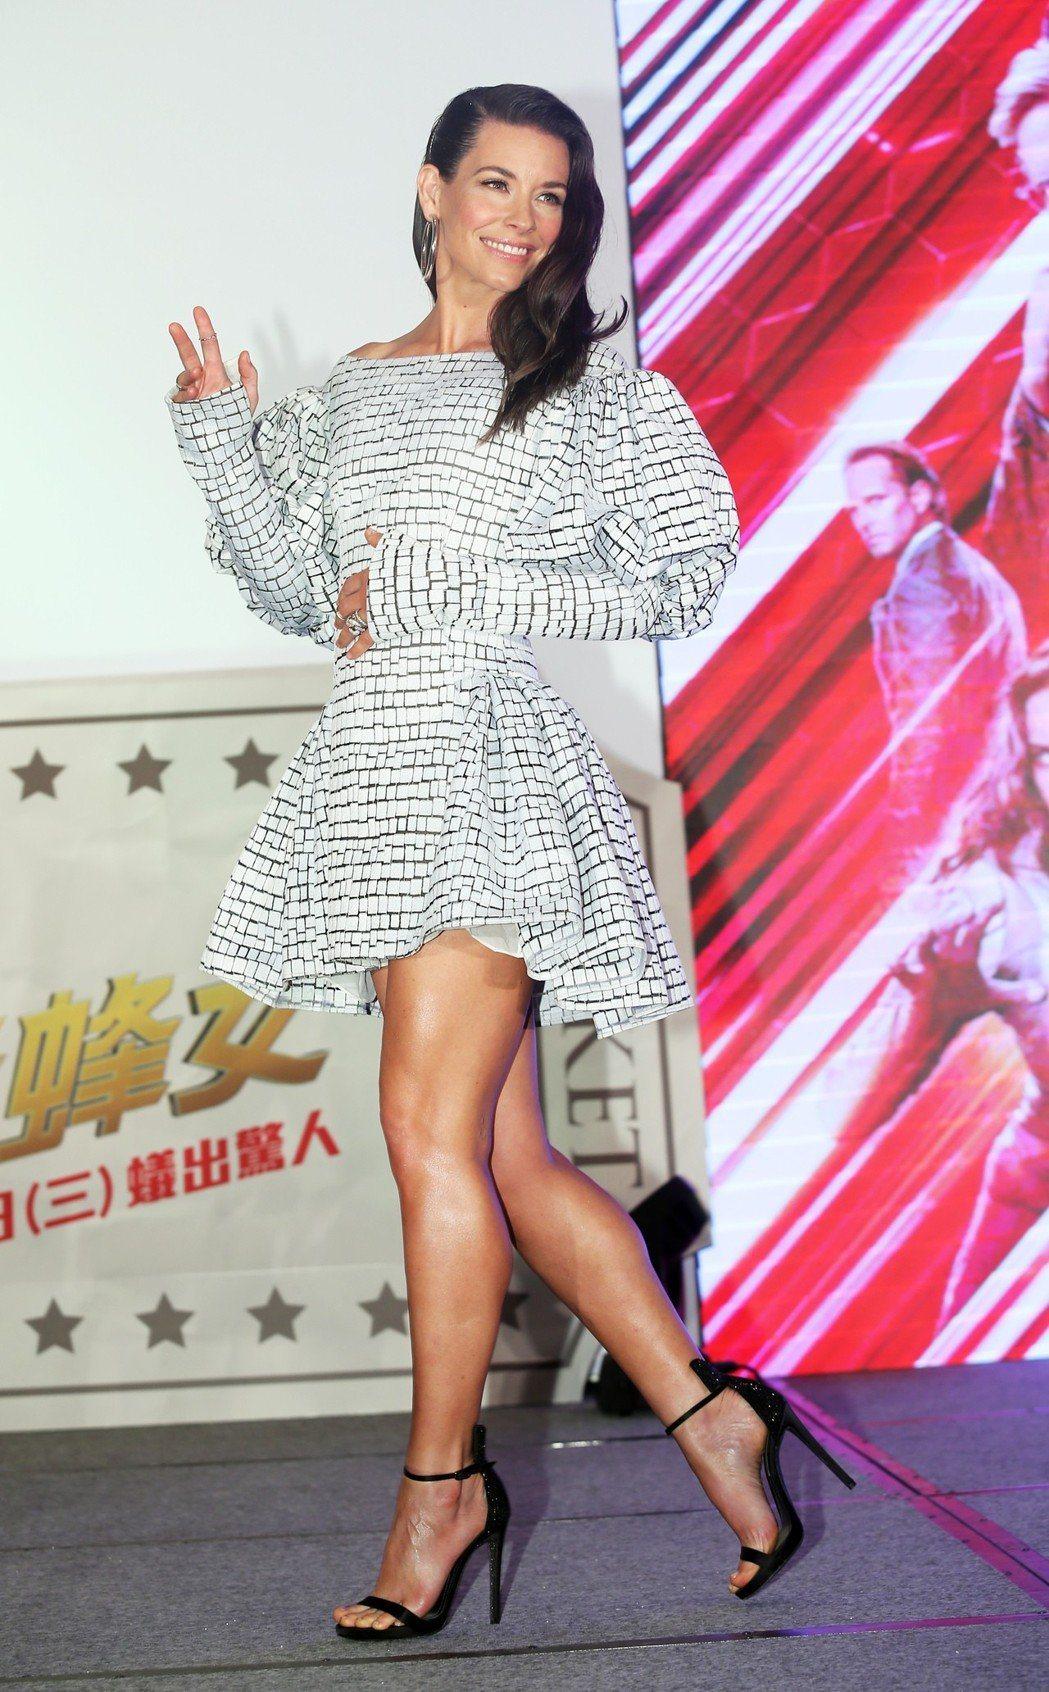 「黃蜂女」伊凡潔琳莉莉出席在台北舉行的宣傳記者會。記者徐兆玄/攝影